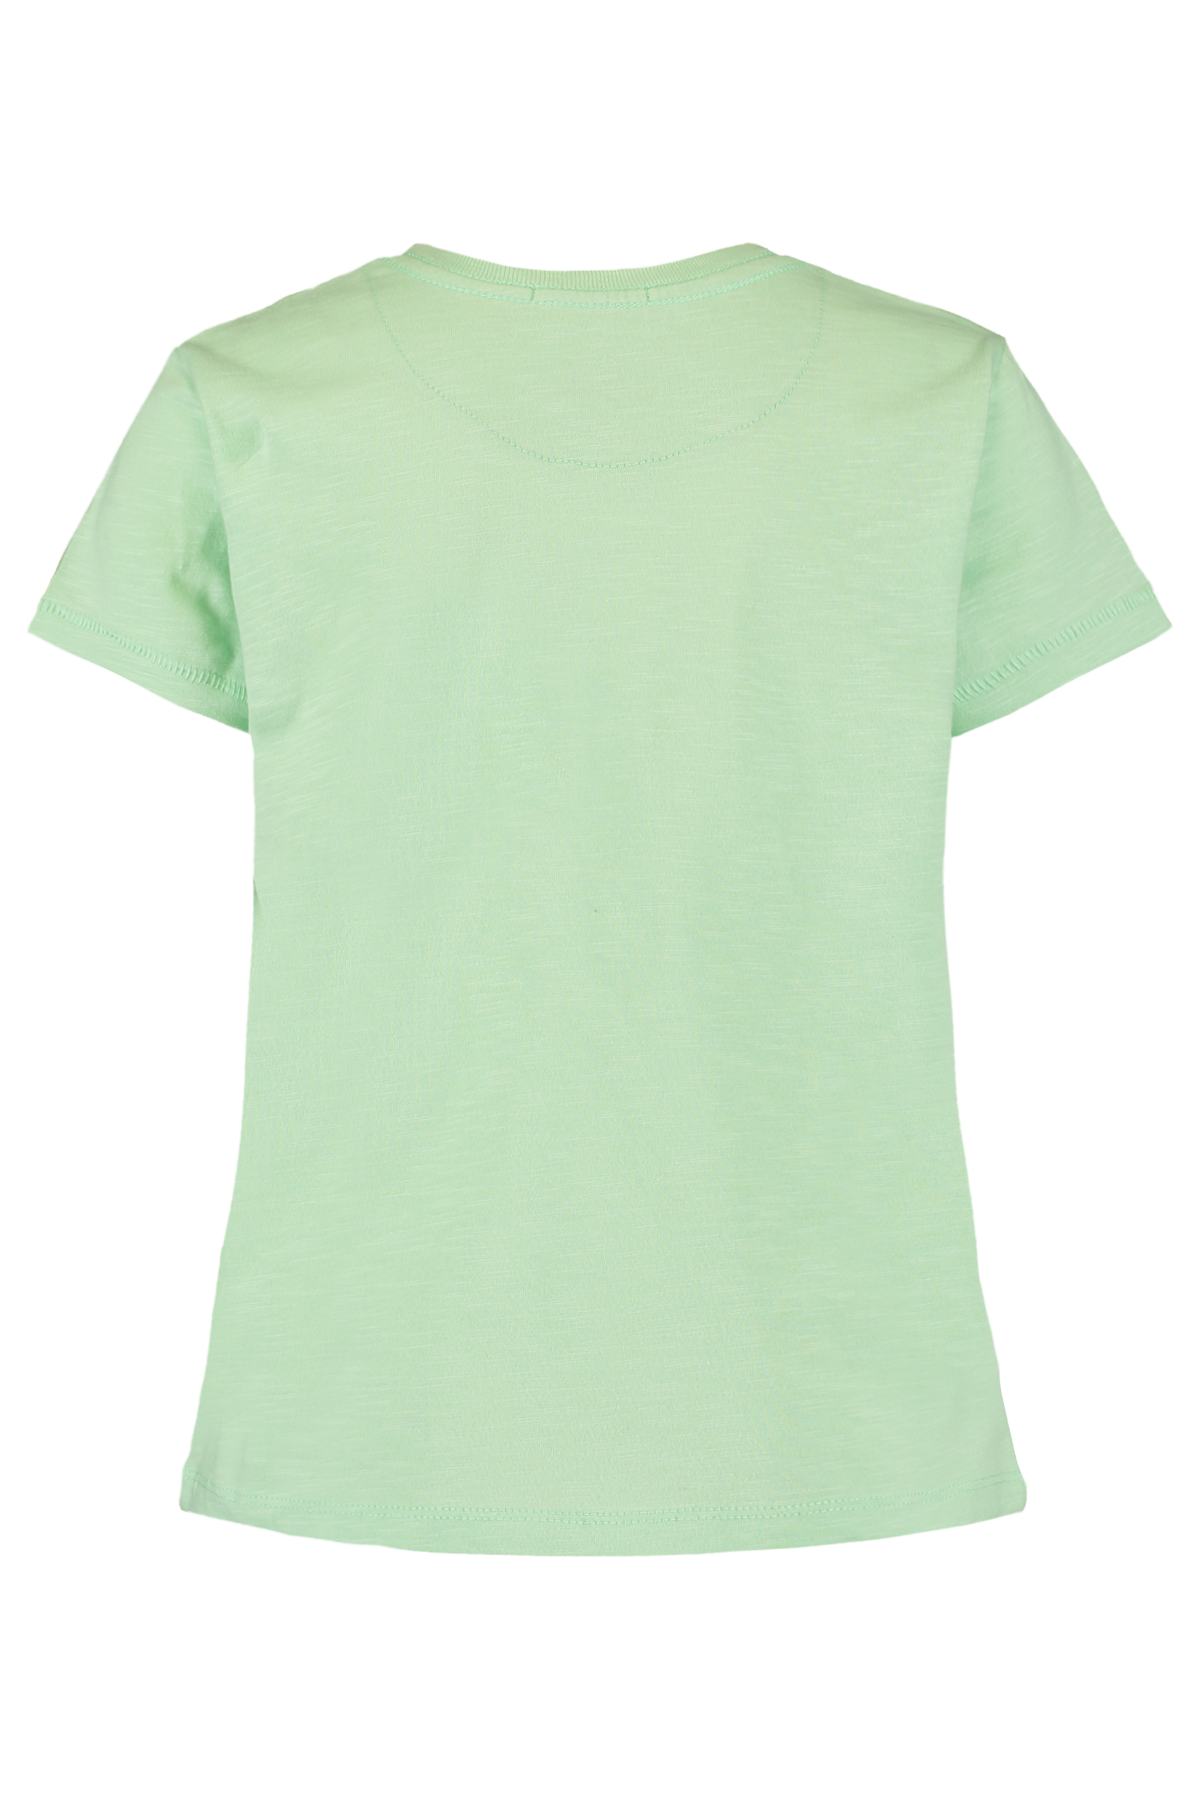 T-shirt Ester Jr